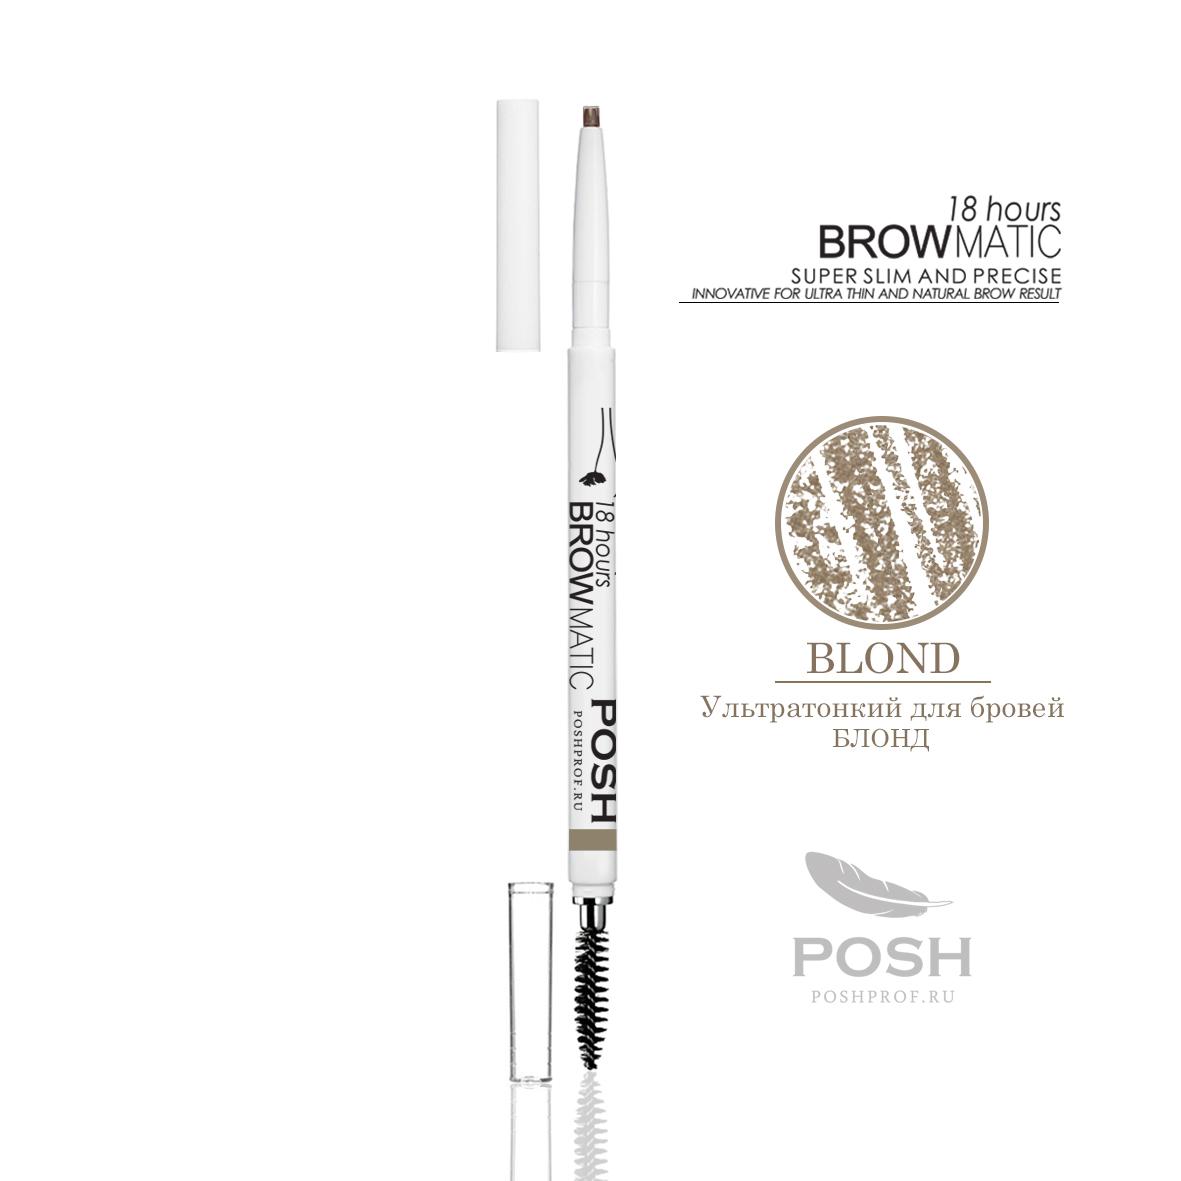 POSH Карандаш ультра-тонкий для бровей Блонд Универсальный Русый / POSH BROWMATIC BLONDКарандаши<br>POSH BROWMATIC BLOND (БЛОНДОВЫЙ) - это легендарный Механический Ультра-Тонкий Карандаш для Бровей. Идеален как для прорисовки волосков, так и для придания формы бровям. Имеет холодный естественный оттенок и подходит практически всем девушкам. Пудровая текстура карандаша создана для самого нежного и акуратного нанесения, лишь чтобы подчеркнуть Вашу естественную красоту бровей. Удобная кисть позволит растушевать карандаш в дымку, а так же причесать брови. Помните, что брови это Королева ЛИЦА. Создайте красивые и ухоженные брови вместе с коллекцией карандашей от POSH. Активные ингредиенты: витамины А и Е, масло жожоба, натуральные антиоксиданты, воск, гидрогенизированное хлопковое масло, тальк<br>